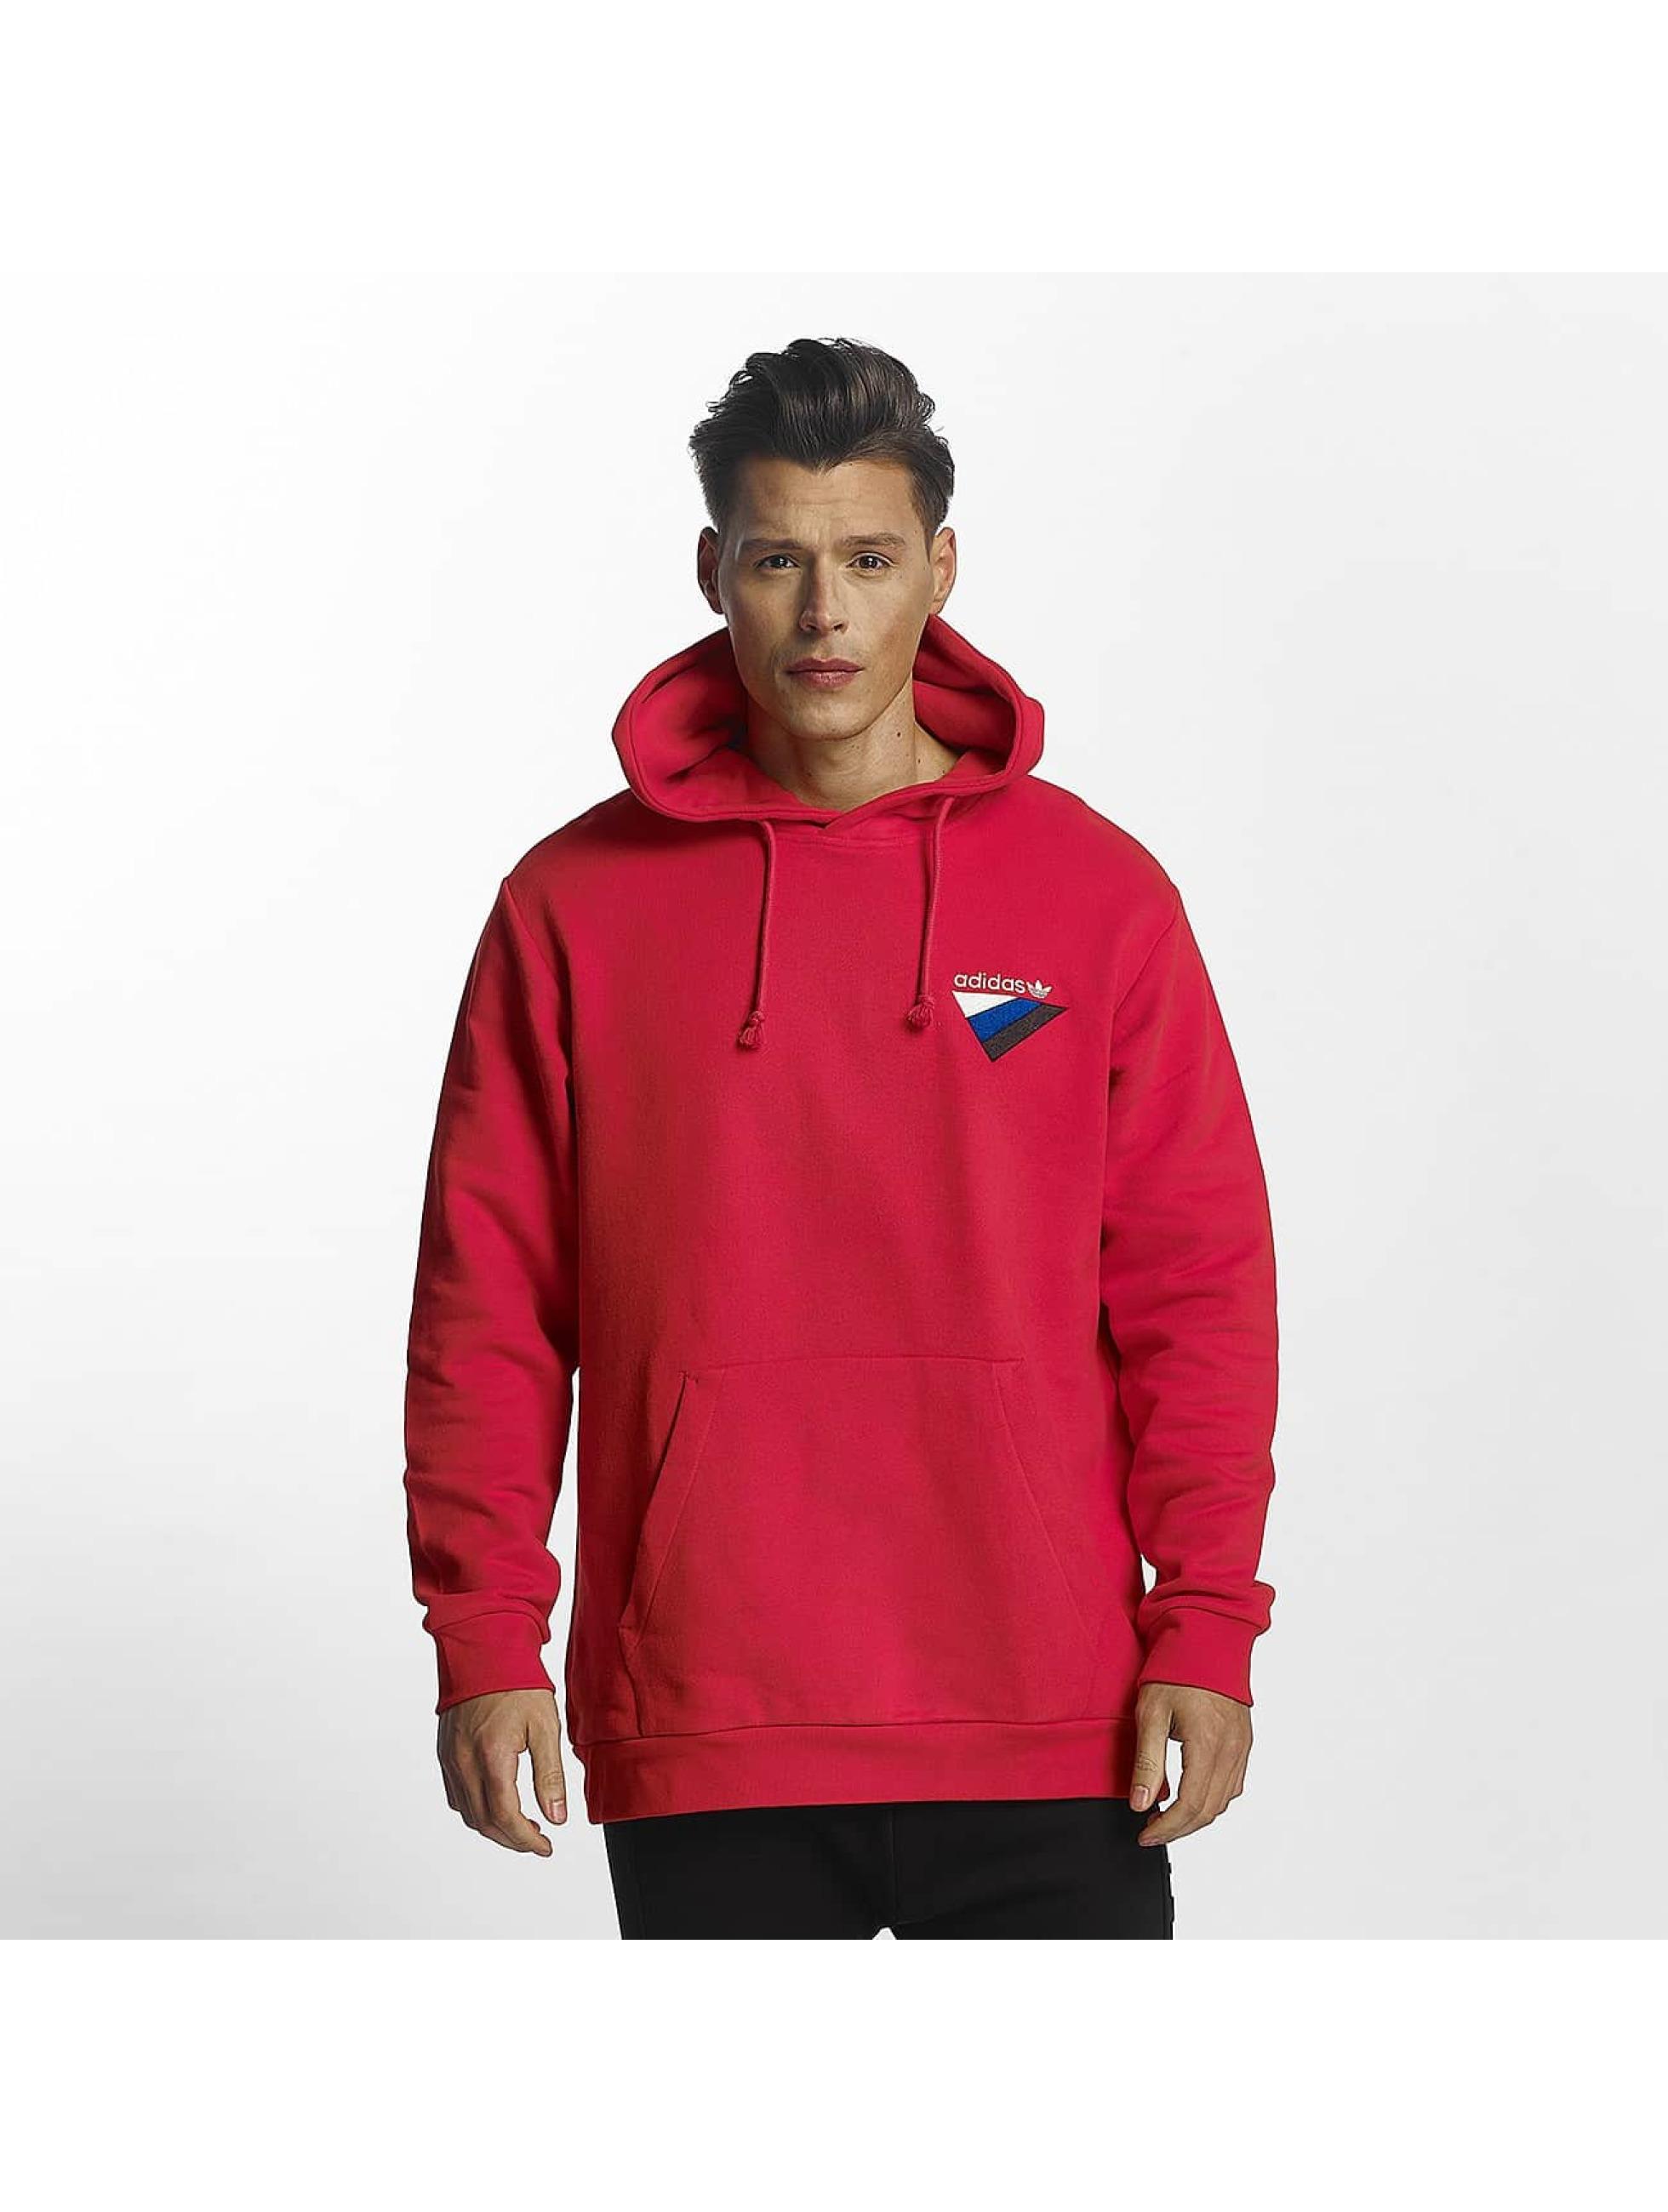 adidas Hoodie Anichkov red